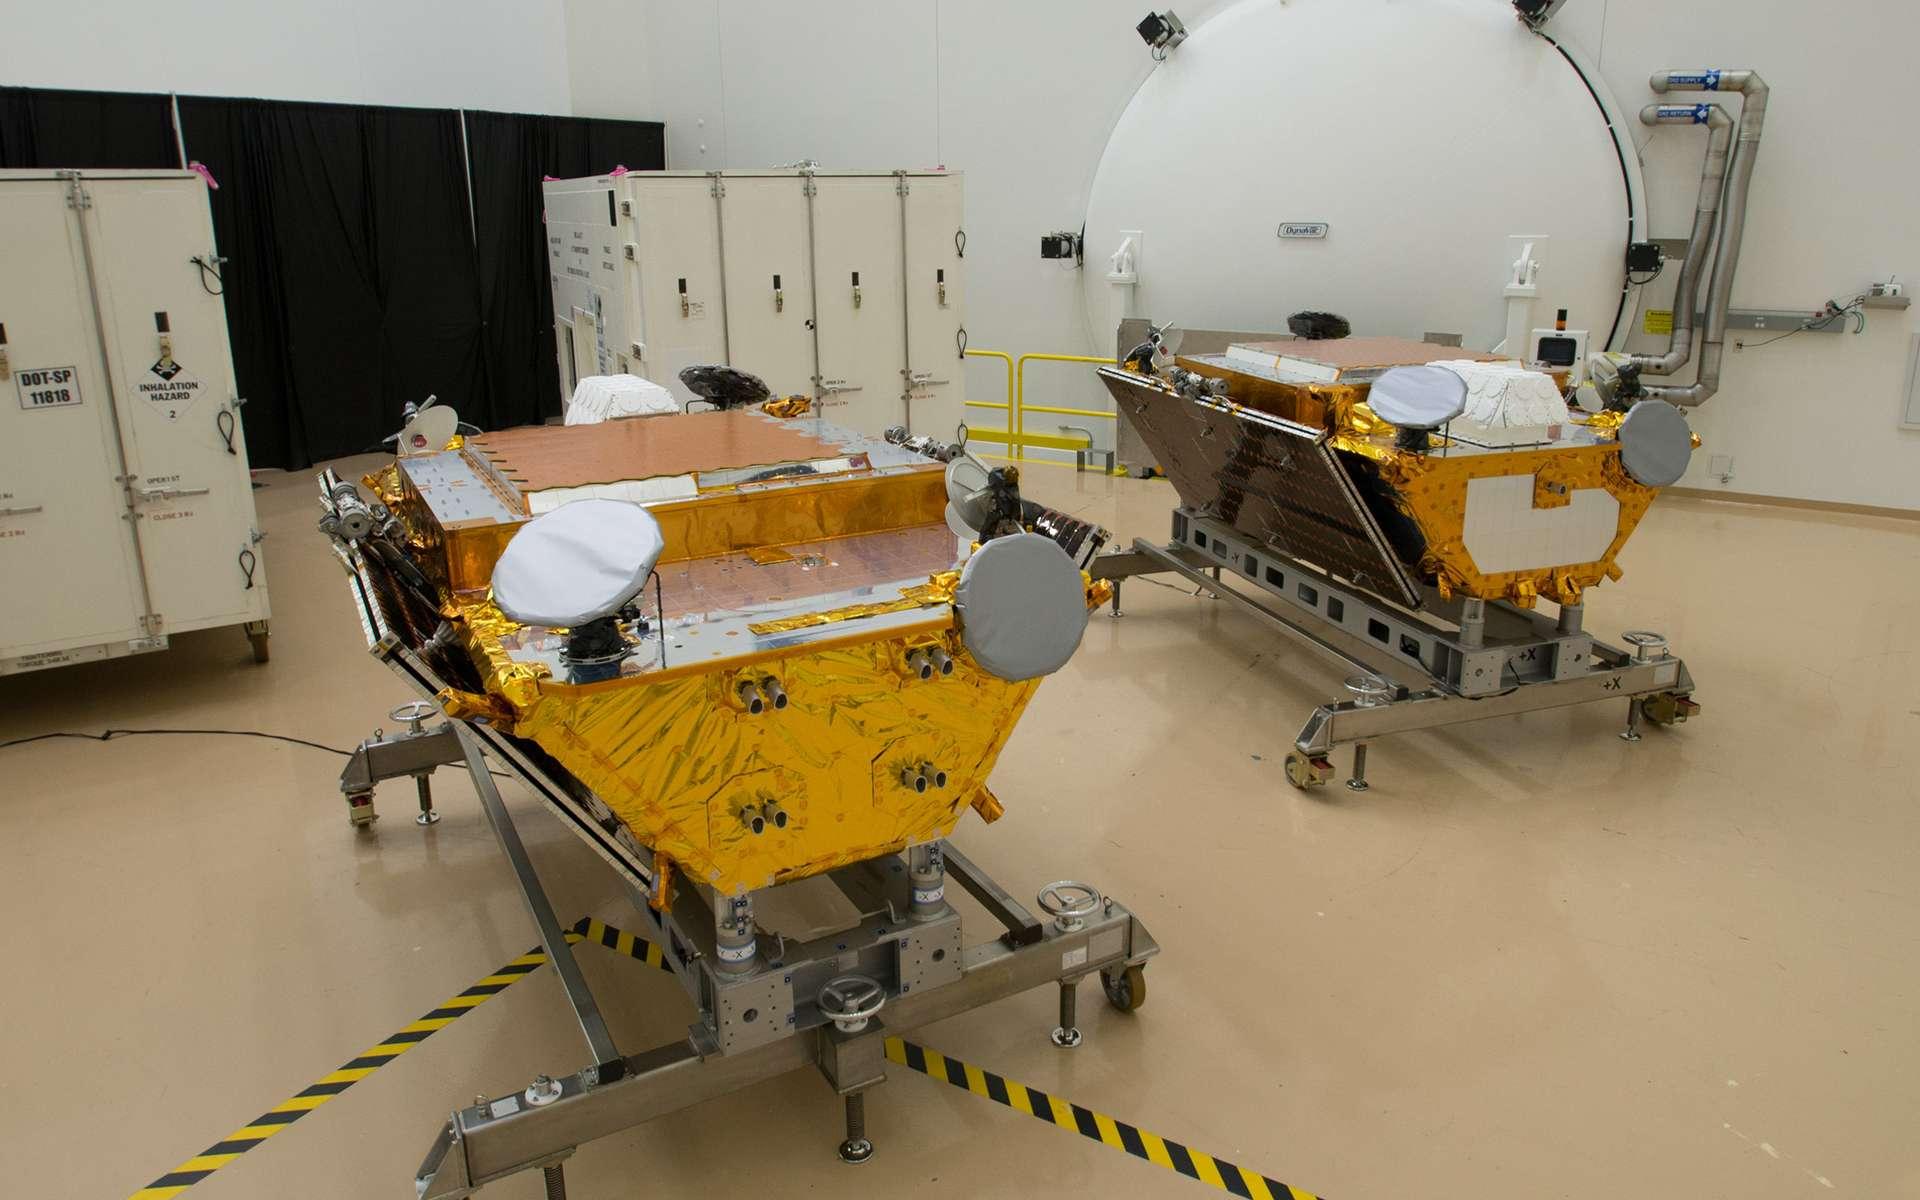 Dans l'usine de Northrop Grumman, deux satellites de la constellation Iridium Next avec, en arrière-plan, les conteneurs dans lesquels ils seront amenés à la base de lancement de Vandenberg, en Californie (États-Unis). © Rémy Decourt